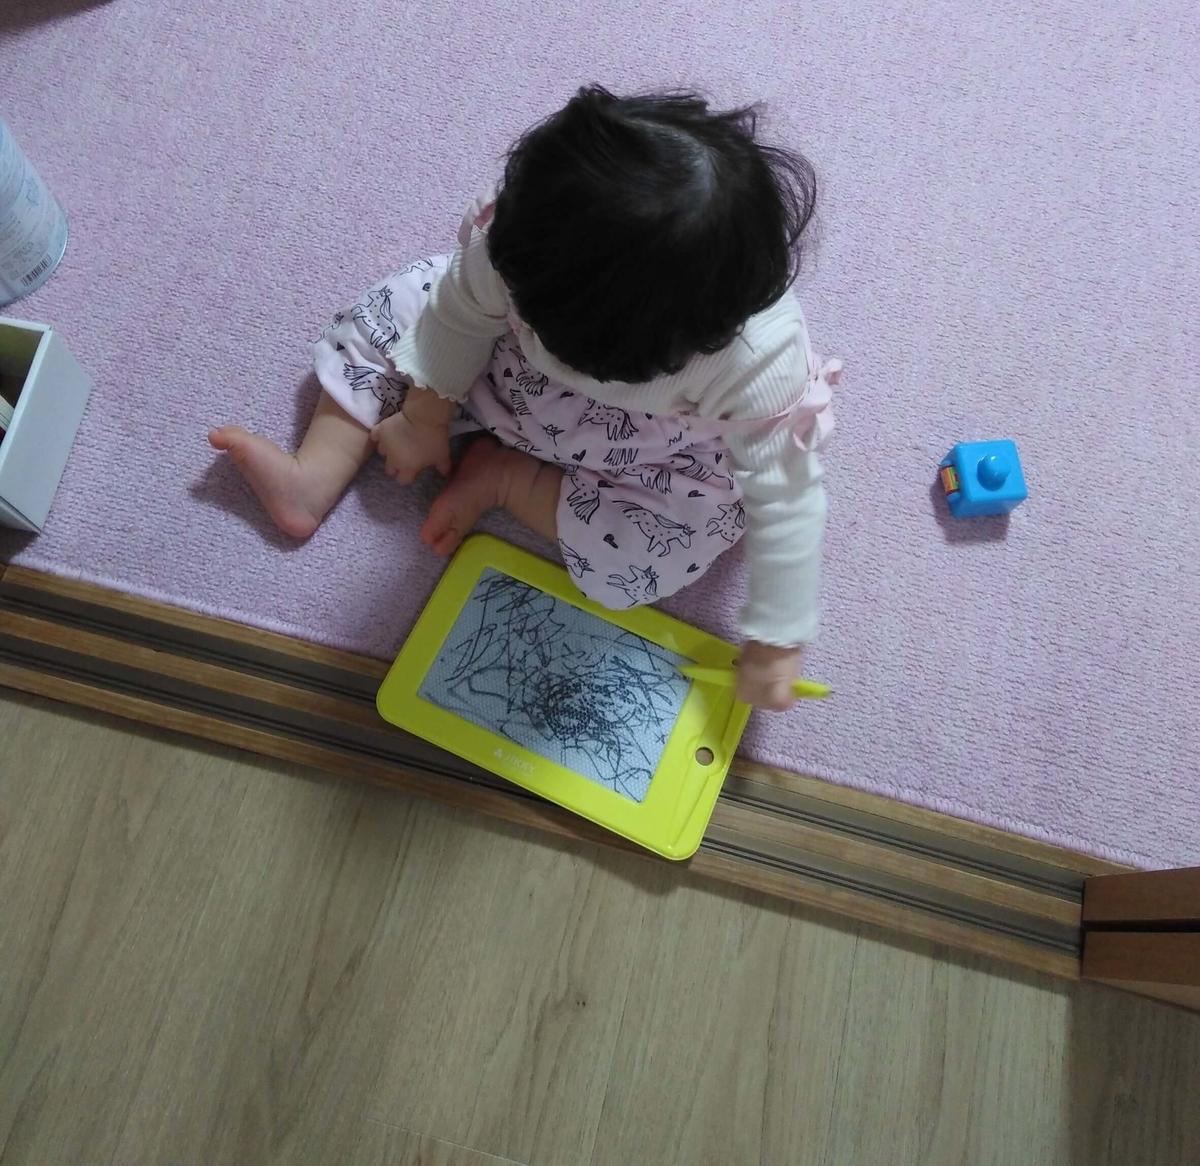 子どものおもちゃ:お絵かきボード PILOT 1人で遊べるサイズ感